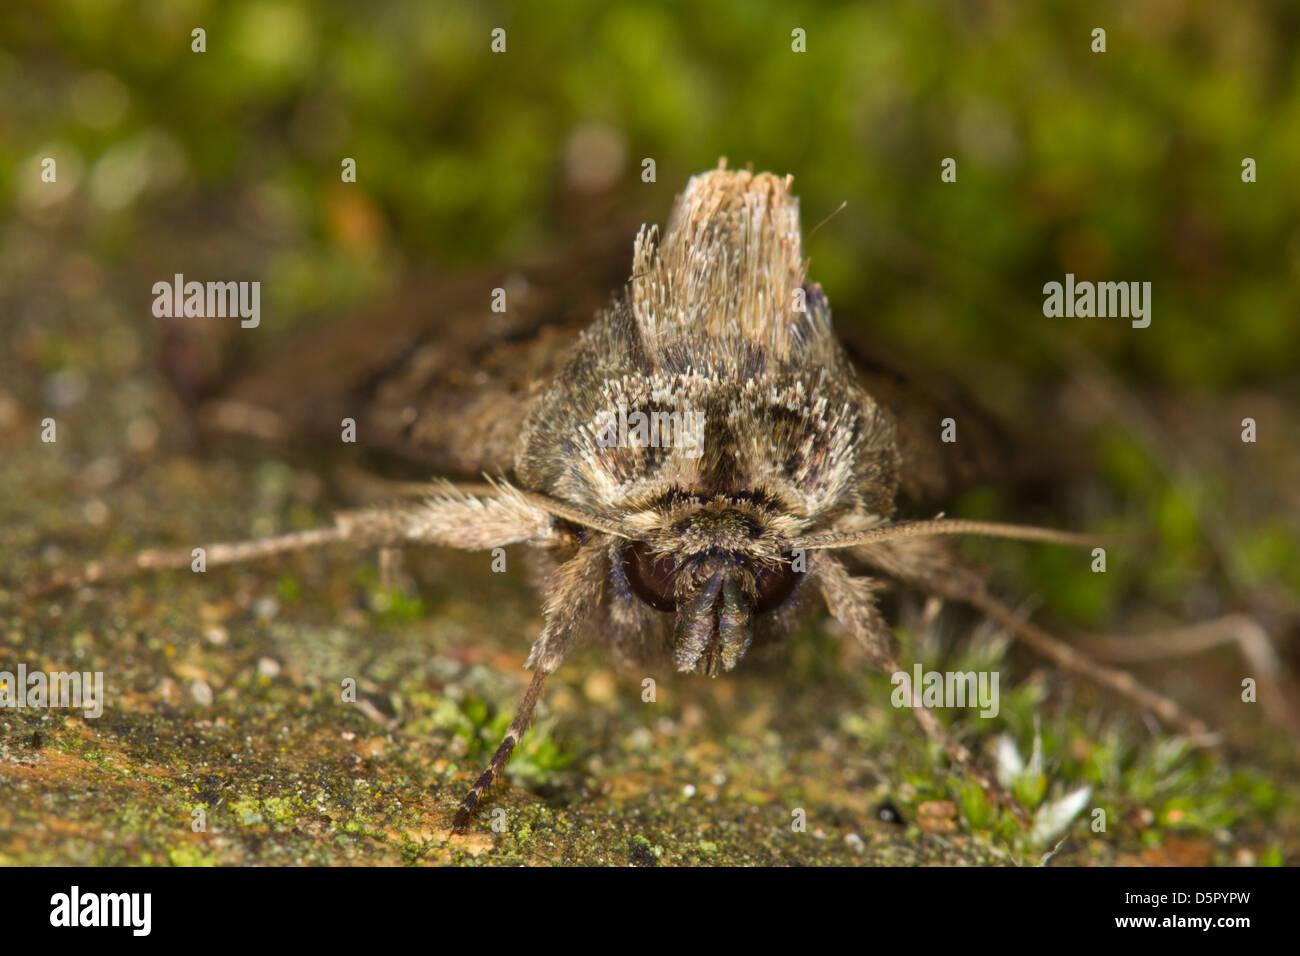 The Spectacle (Abrostola tripartita) - Stock Image